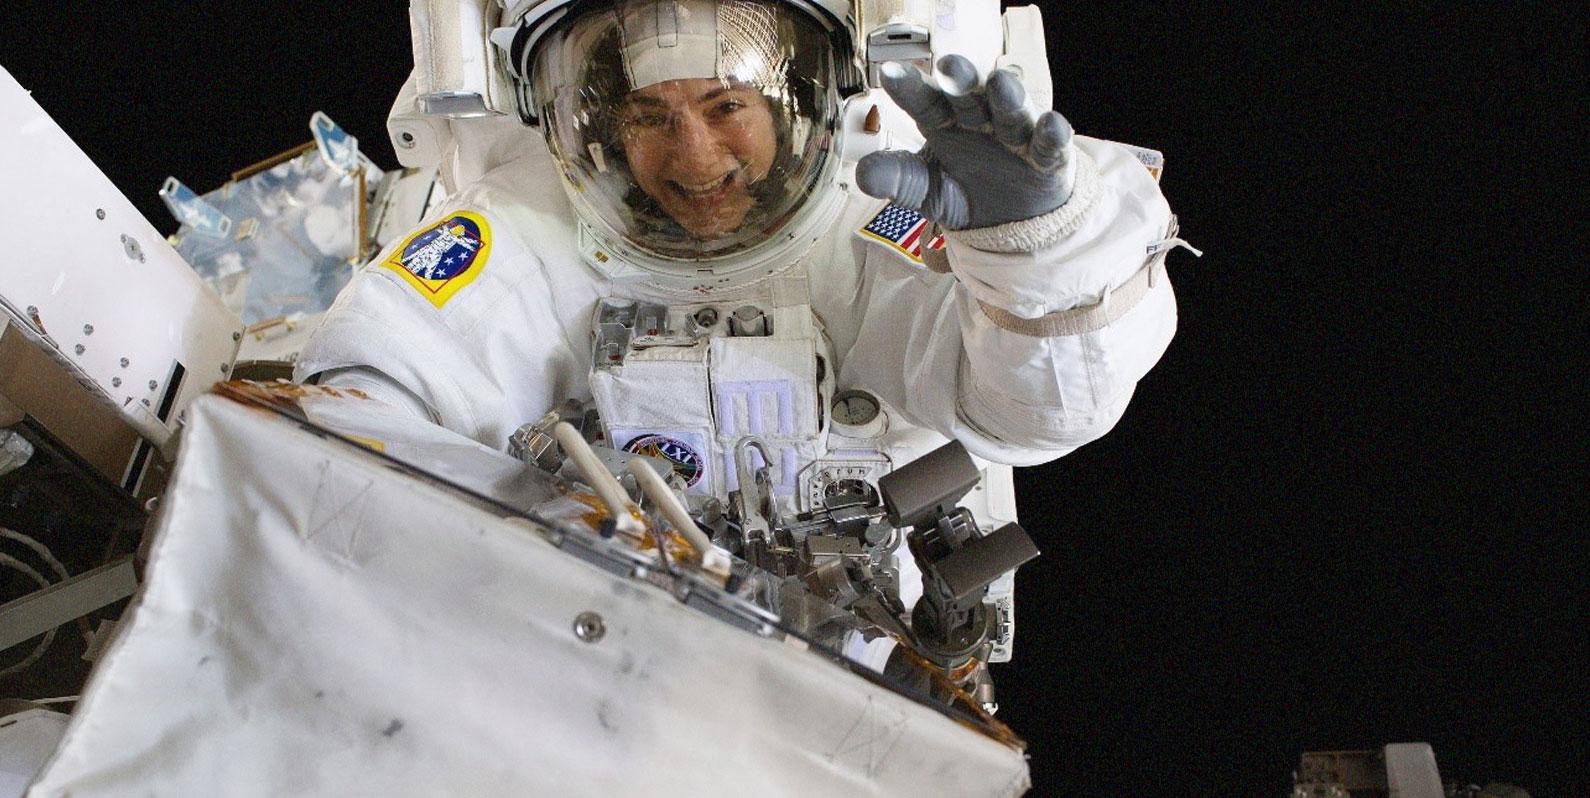 As novas regras de radiação da NASA podem abrir espaço para mais mulheres participarem de missões espaciais